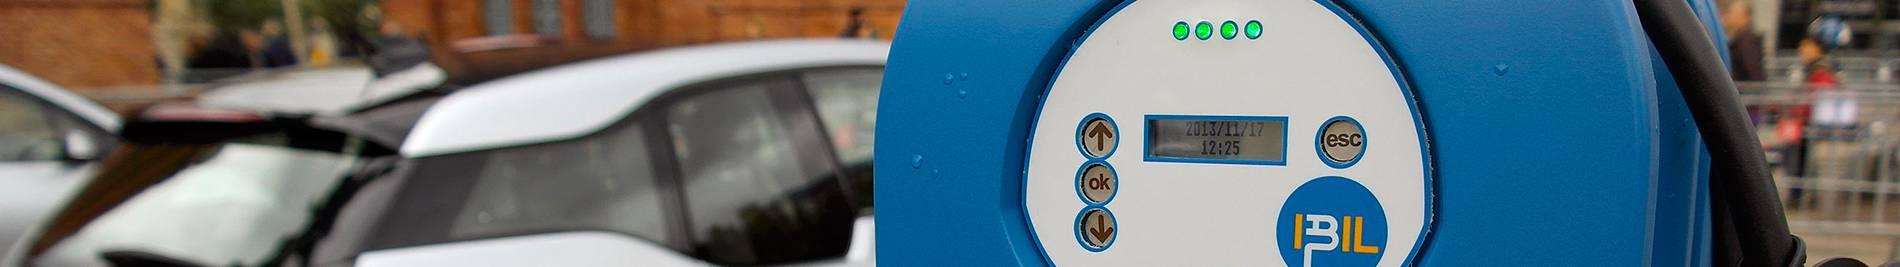 Borne de recharge de voitures électriques